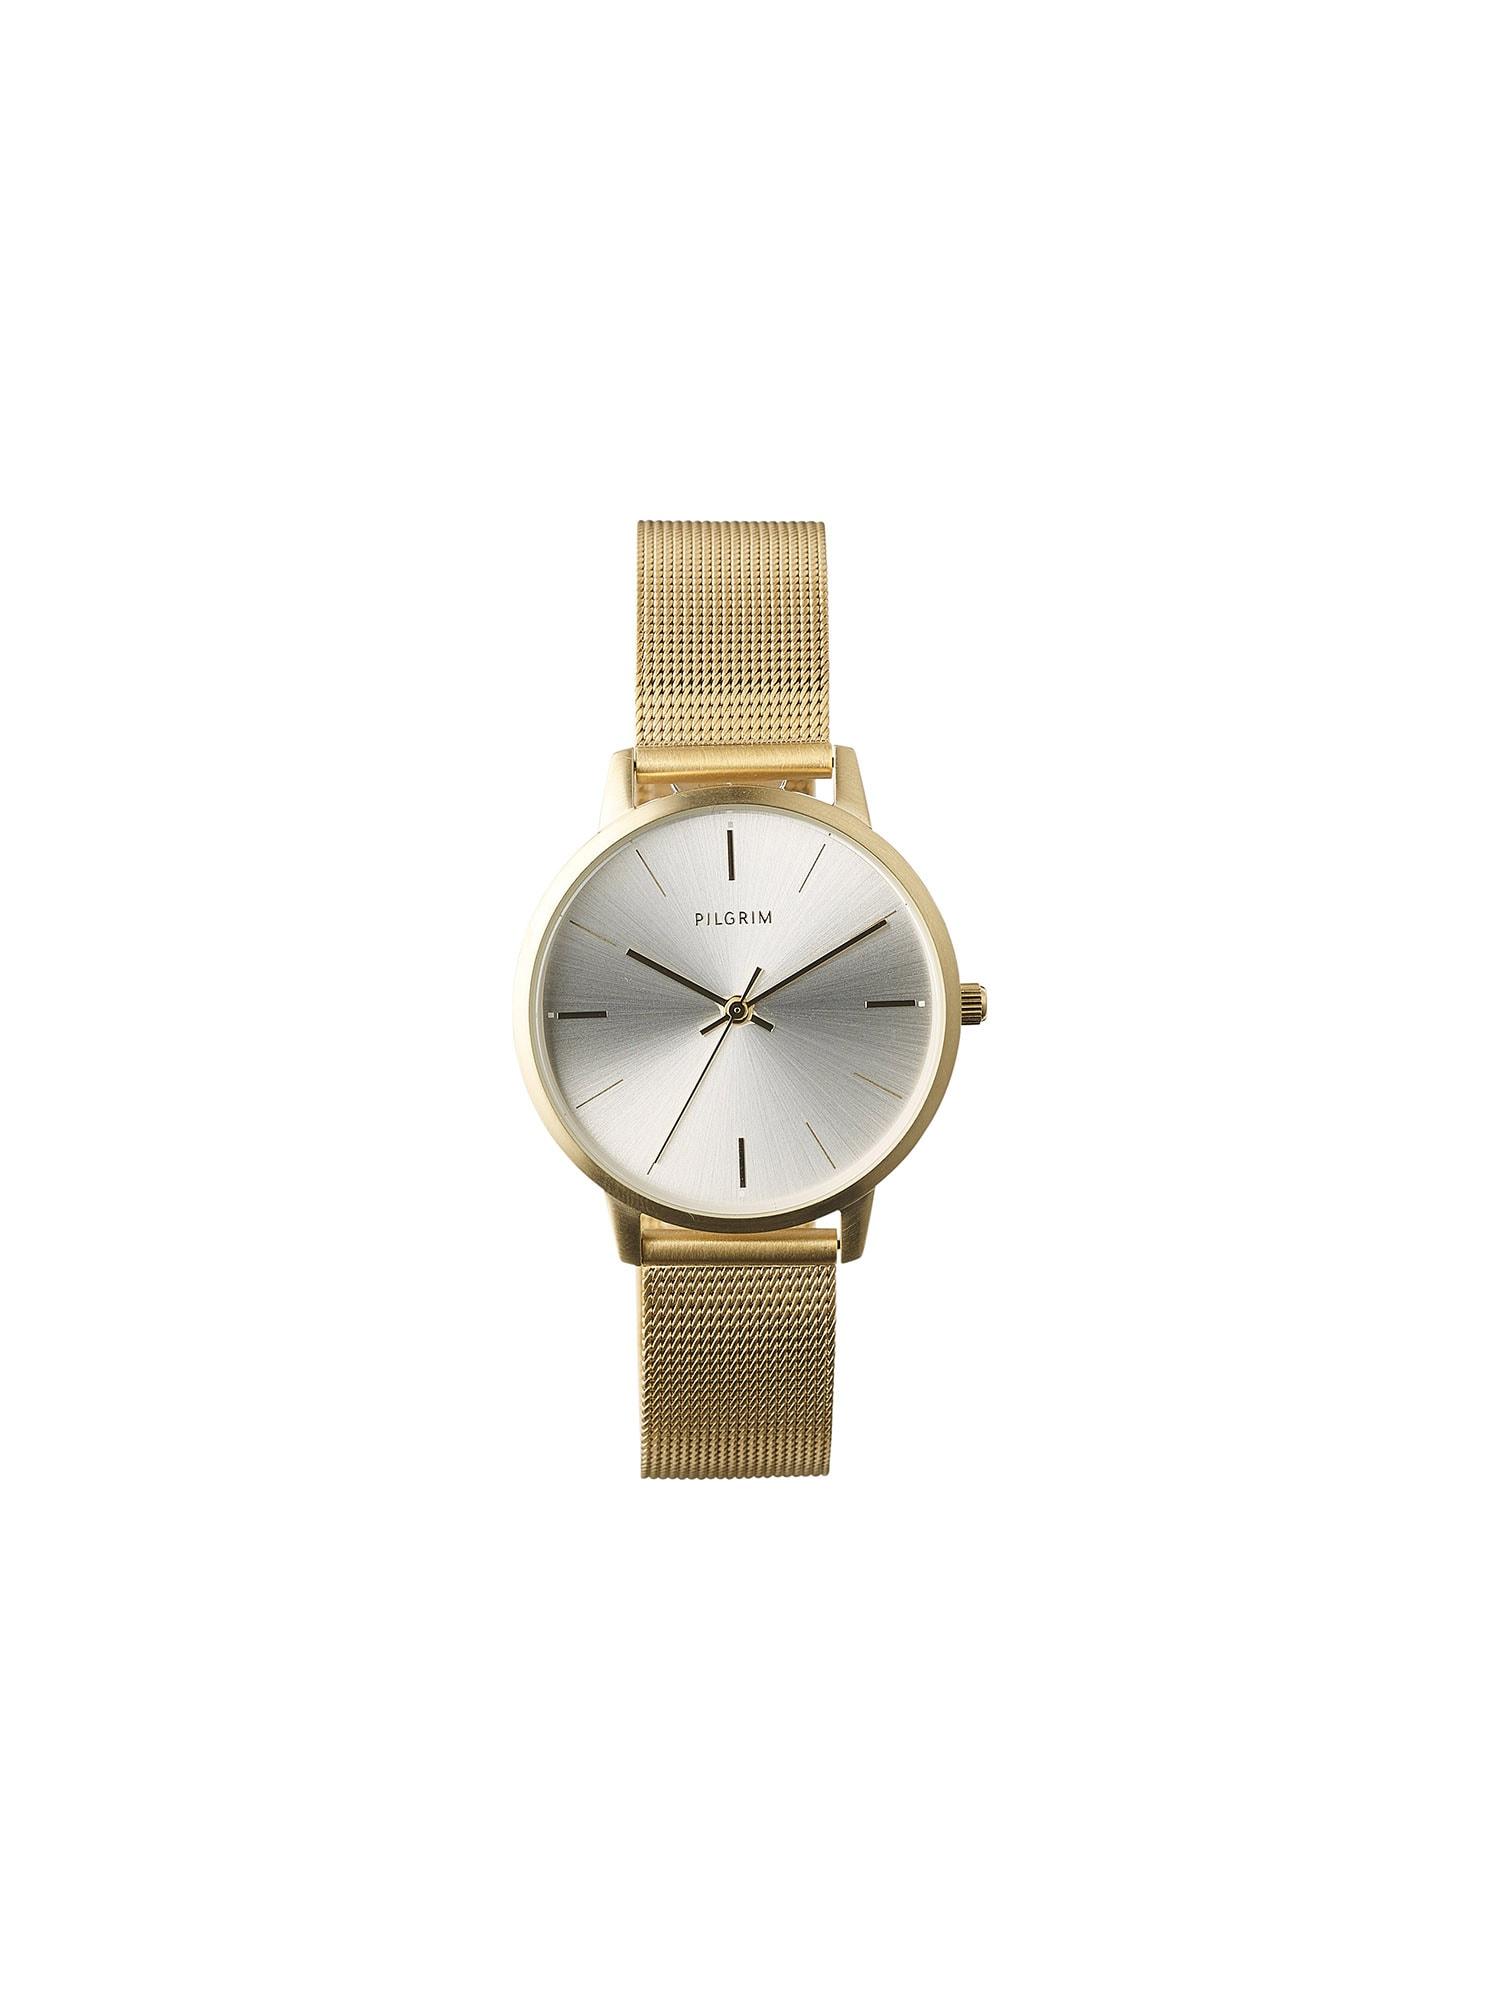 Pilgrim Analoginis (įprasto dizaino) laikrodis auksas / sidabrinė